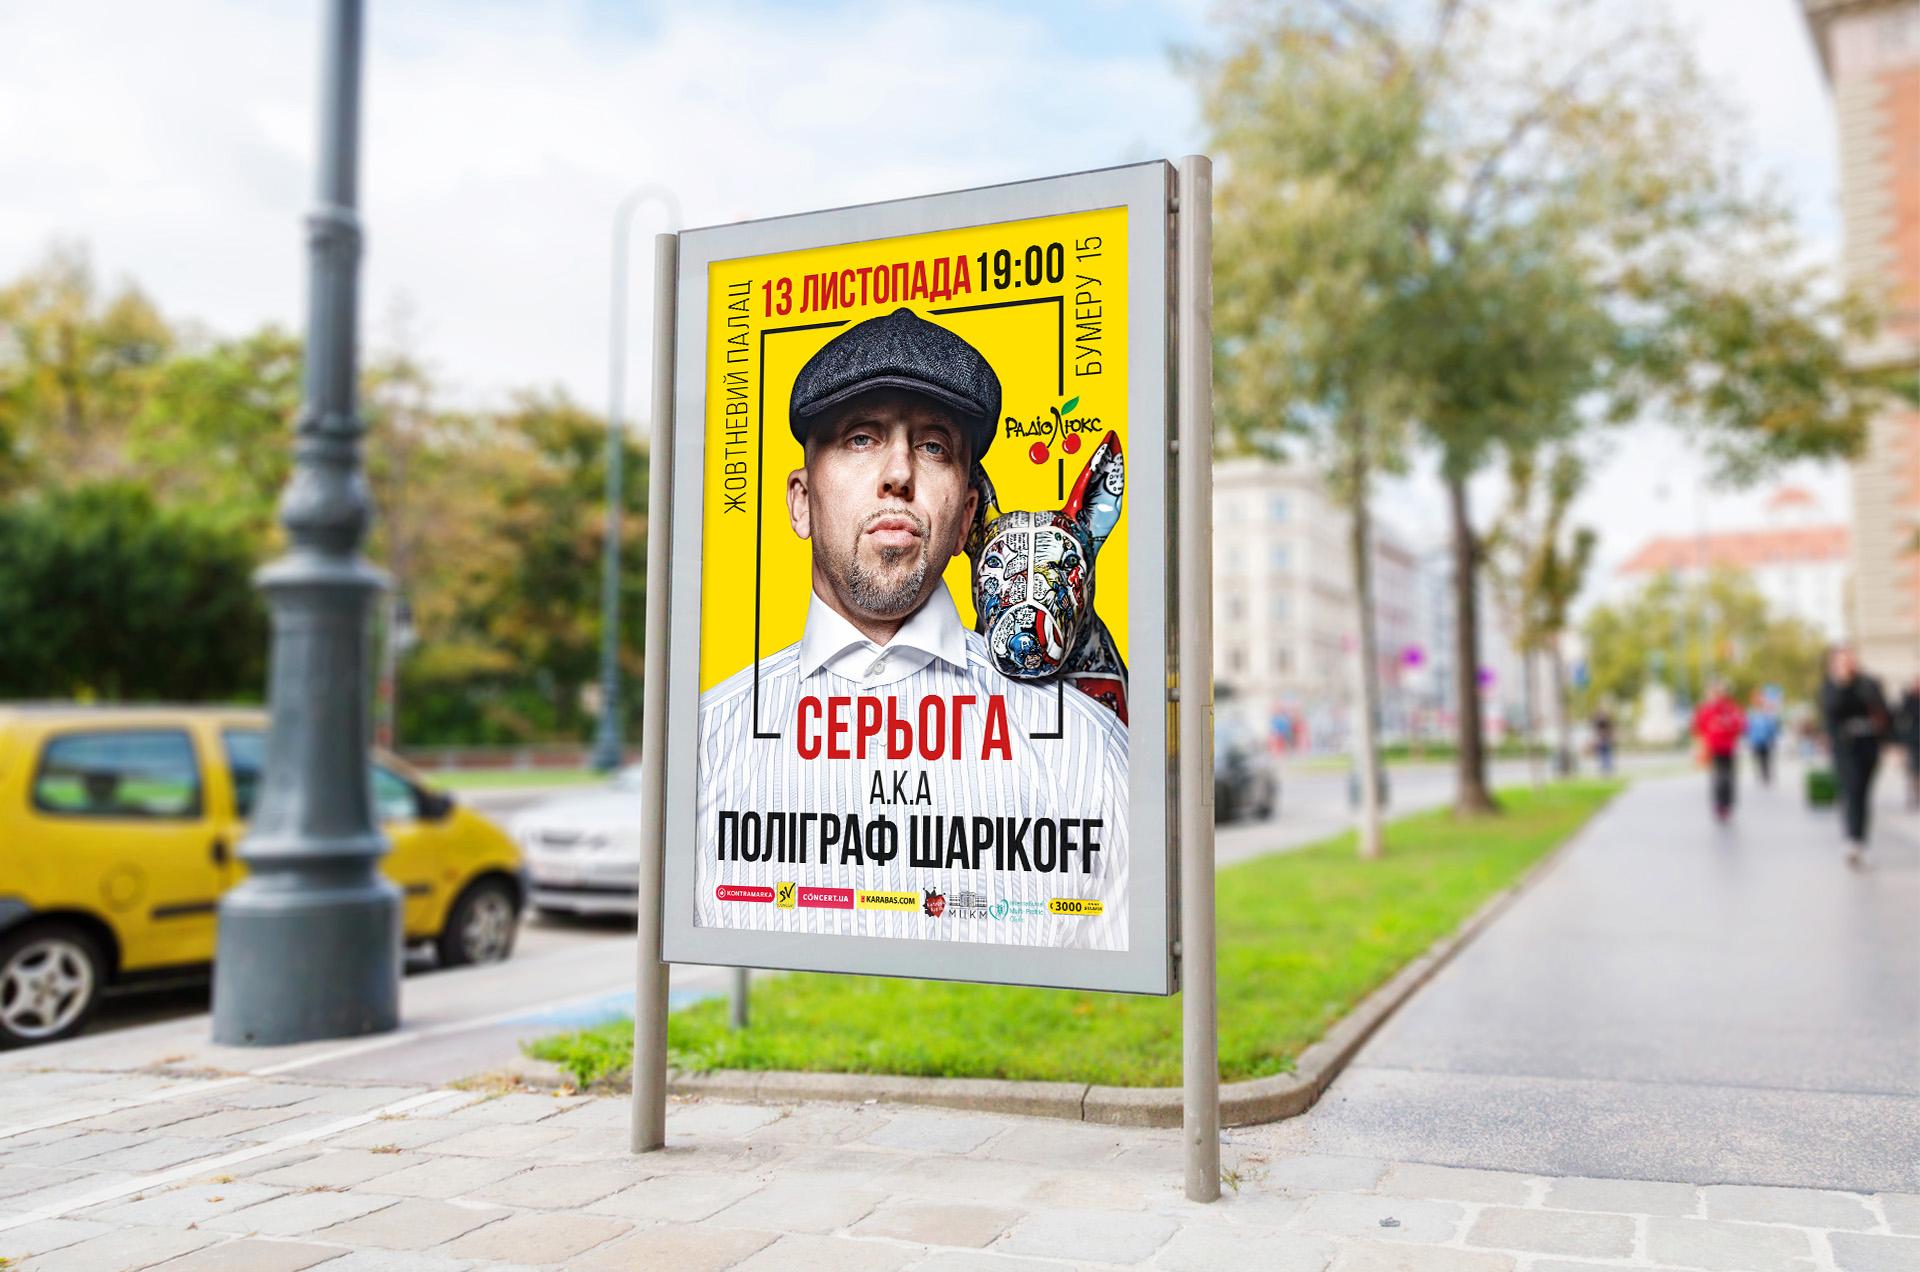 Poligraf Sharikoff reklama